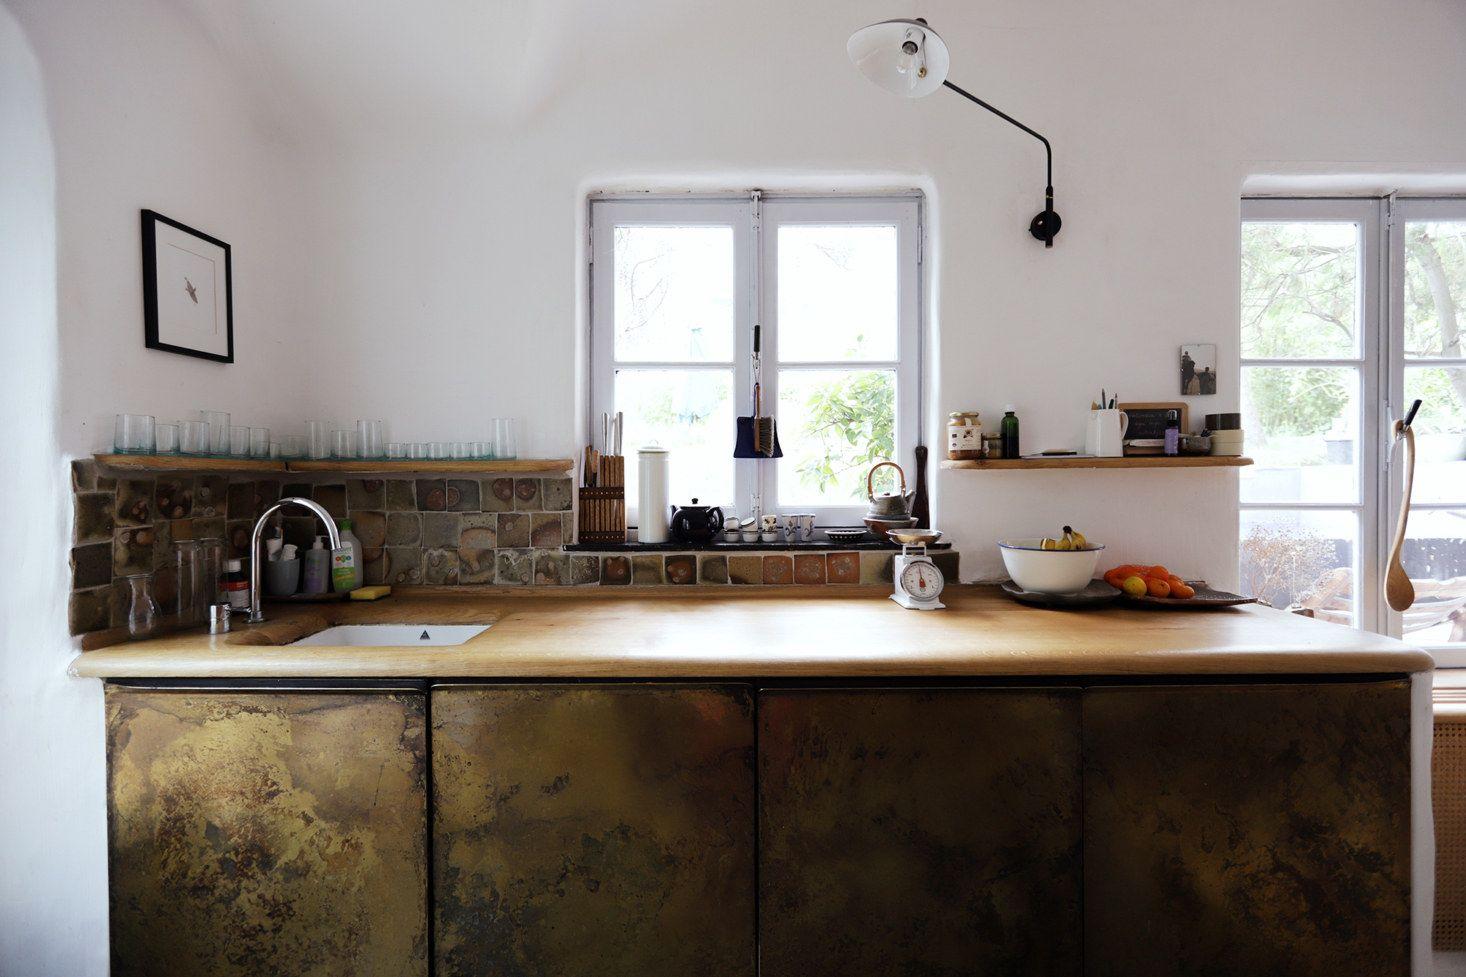 100 Percent Handmade Valentin Loellmann S Historic River House In Maastricht Remodelista Kitchen Sink Remodel Kitchen Remodel White Brick Backsplash